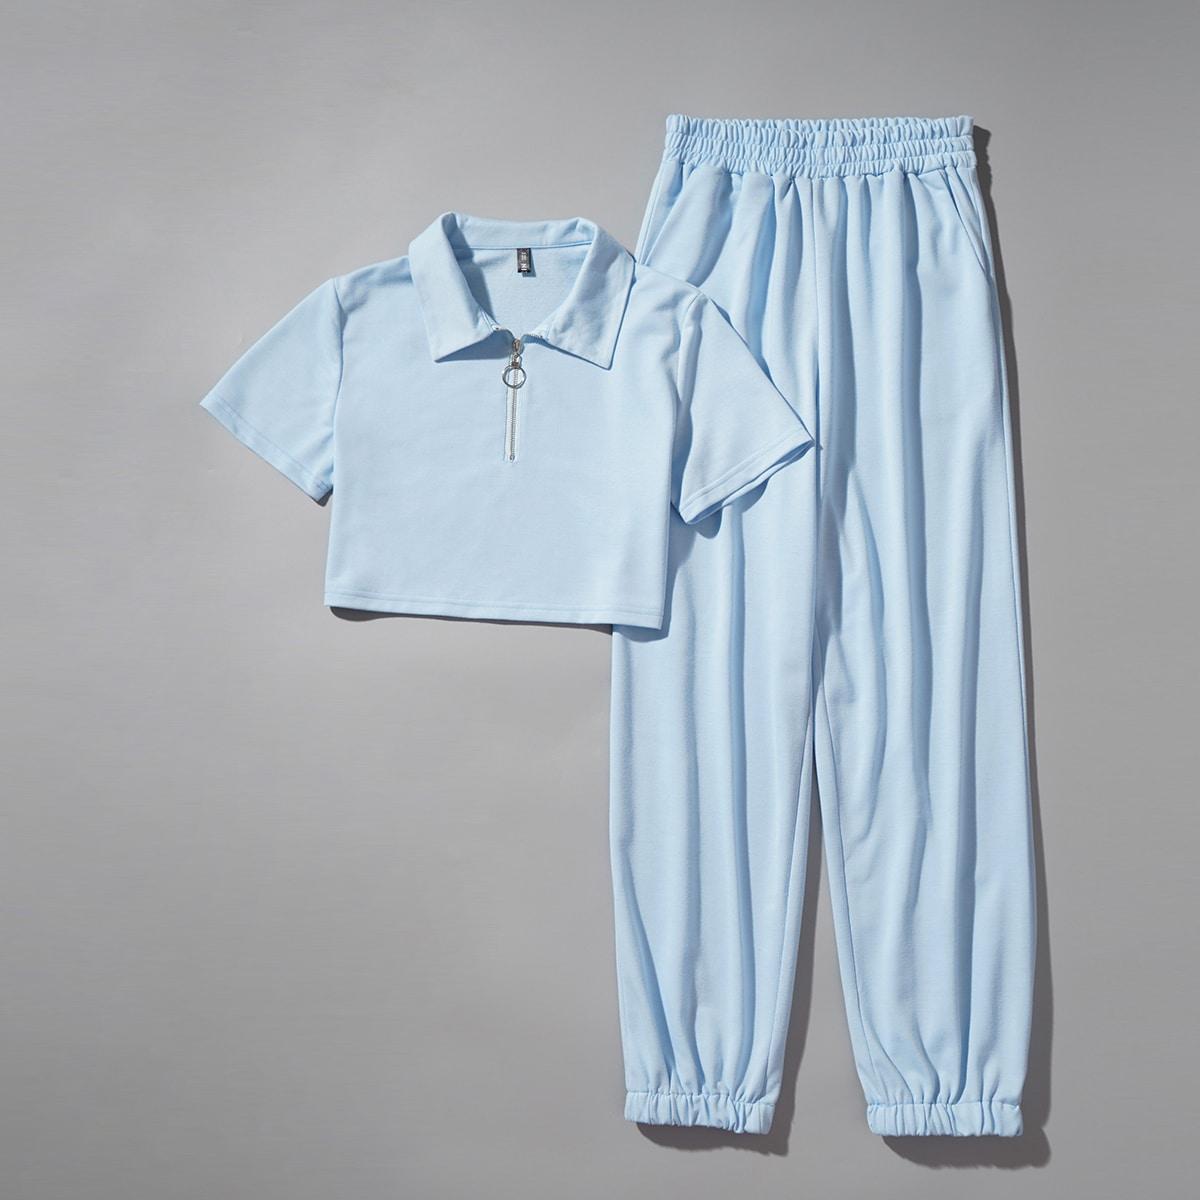 Короткая футболка на молнии и спортивные брюки